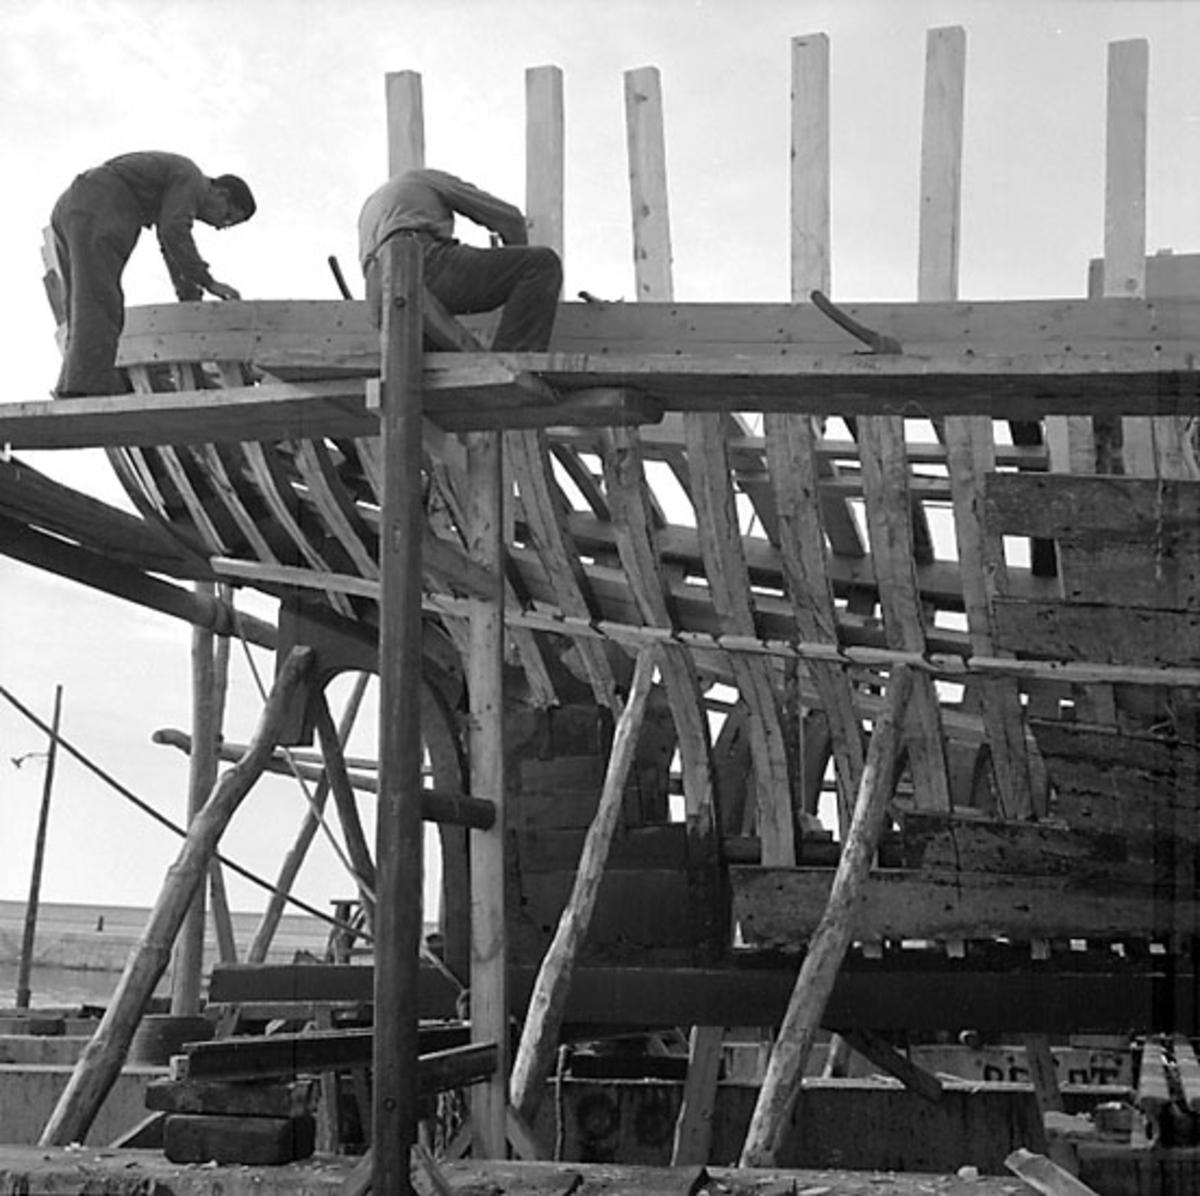 36. Spanien. Fotojournal finns på B.M.A. + fotoalbum. Samtidigt förvärv: Böcker och arkivmaterial. Foton tagna 1959-11-10. 12 Bilder i serie.